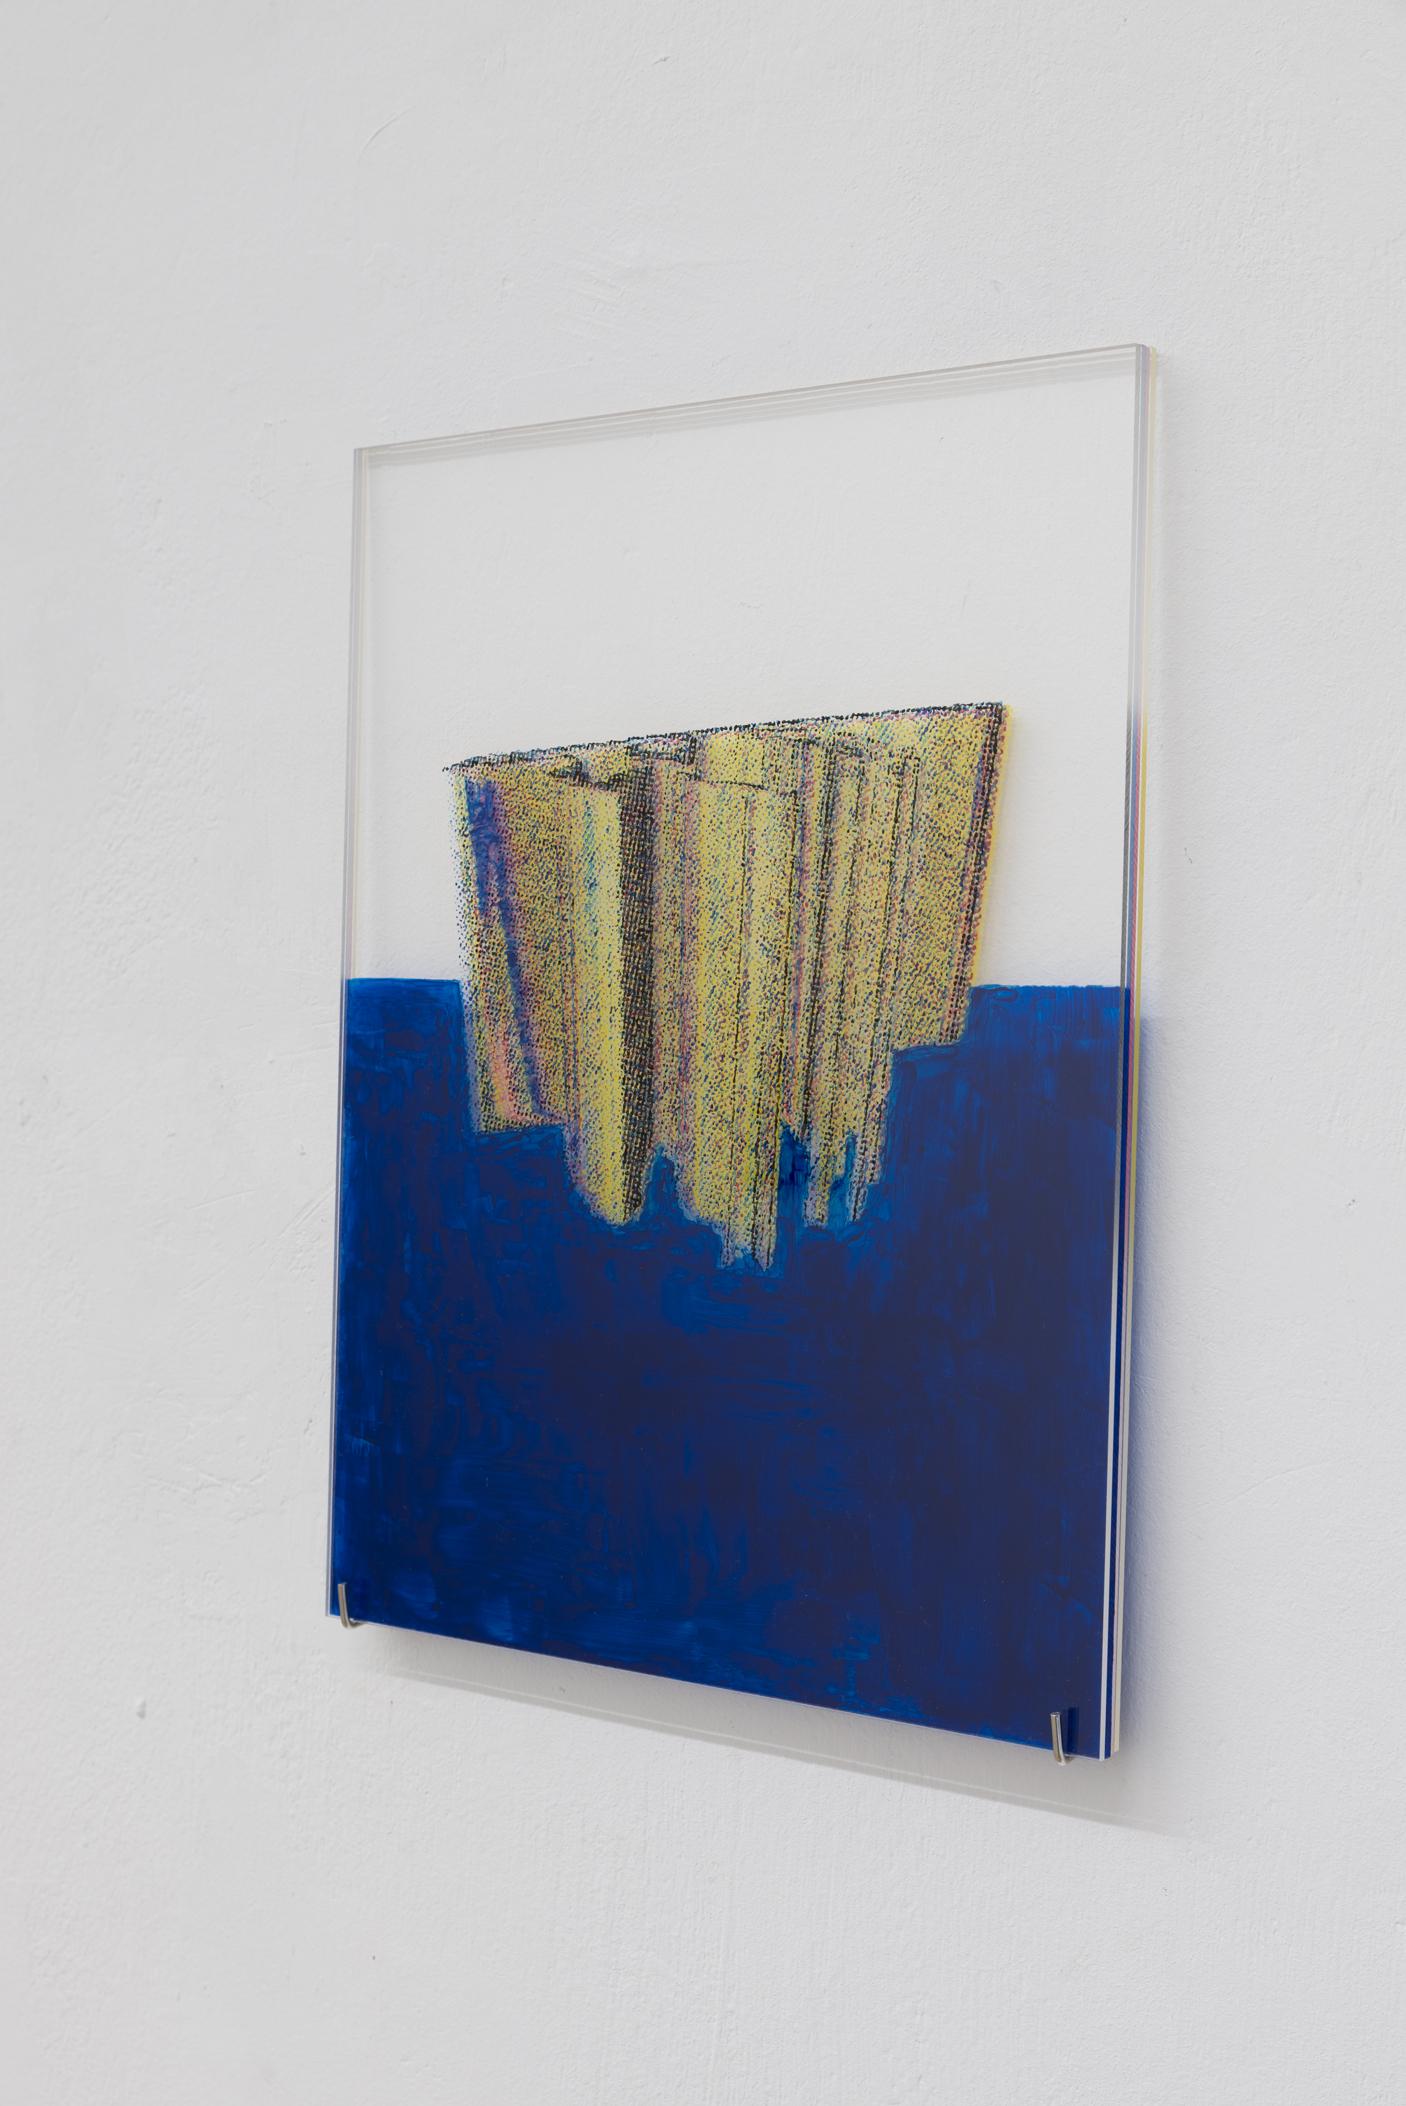 Yuki Higashino , The Dying Style: Model 3, Acrylic paint on Plexiglas, 2018